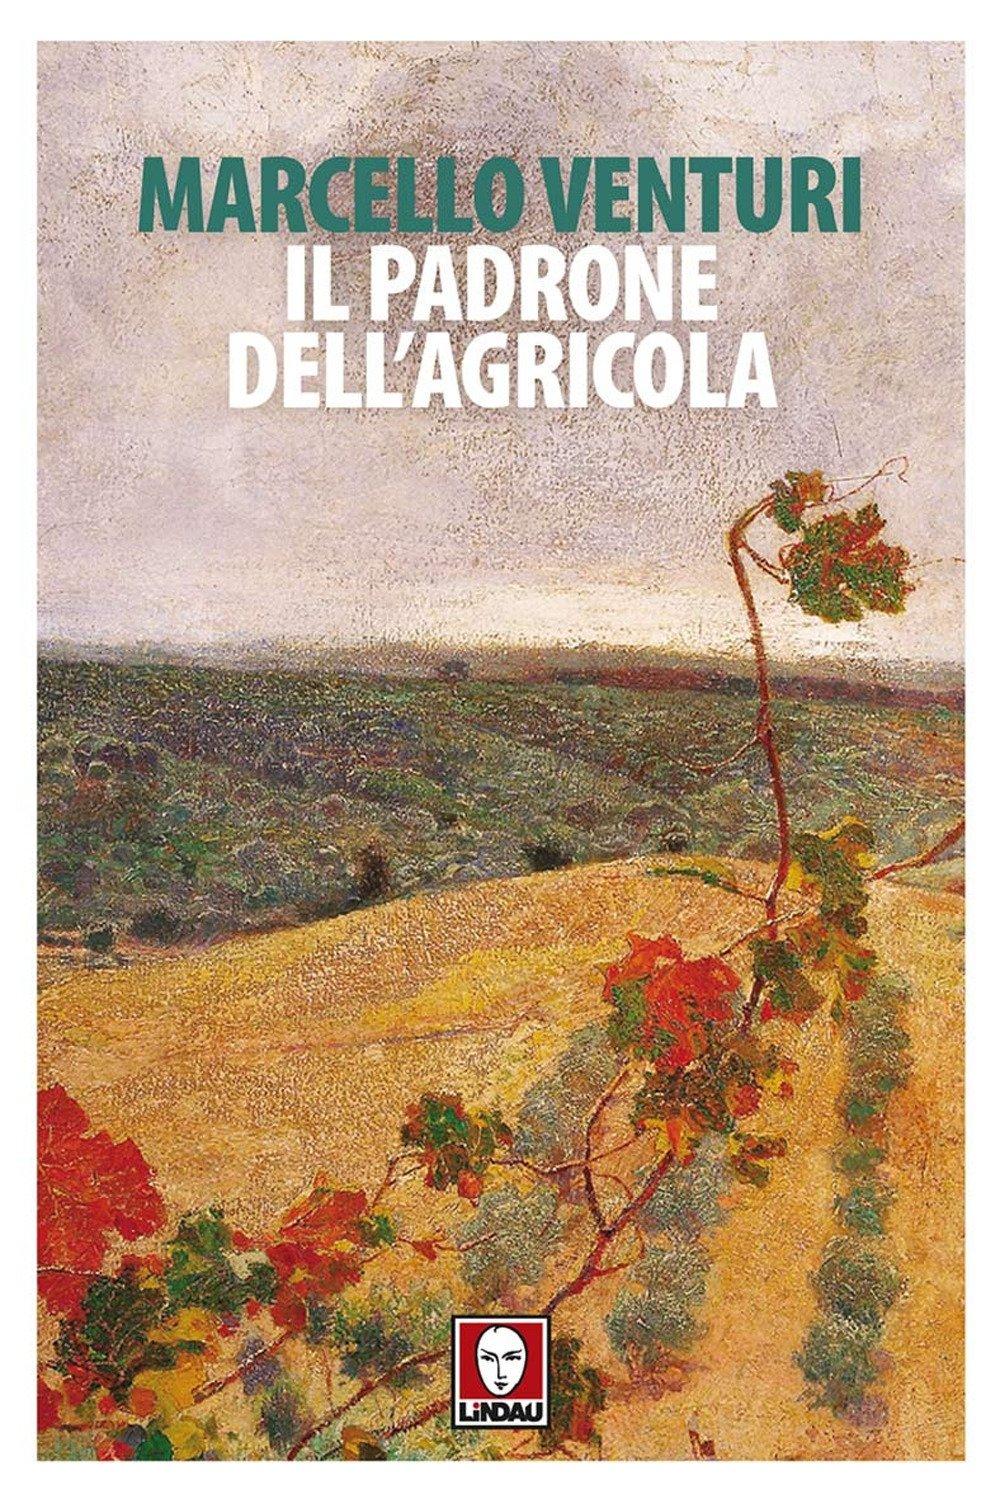 Invito alla lettura: Il padrone dell'agricola, di Marcello Venturi